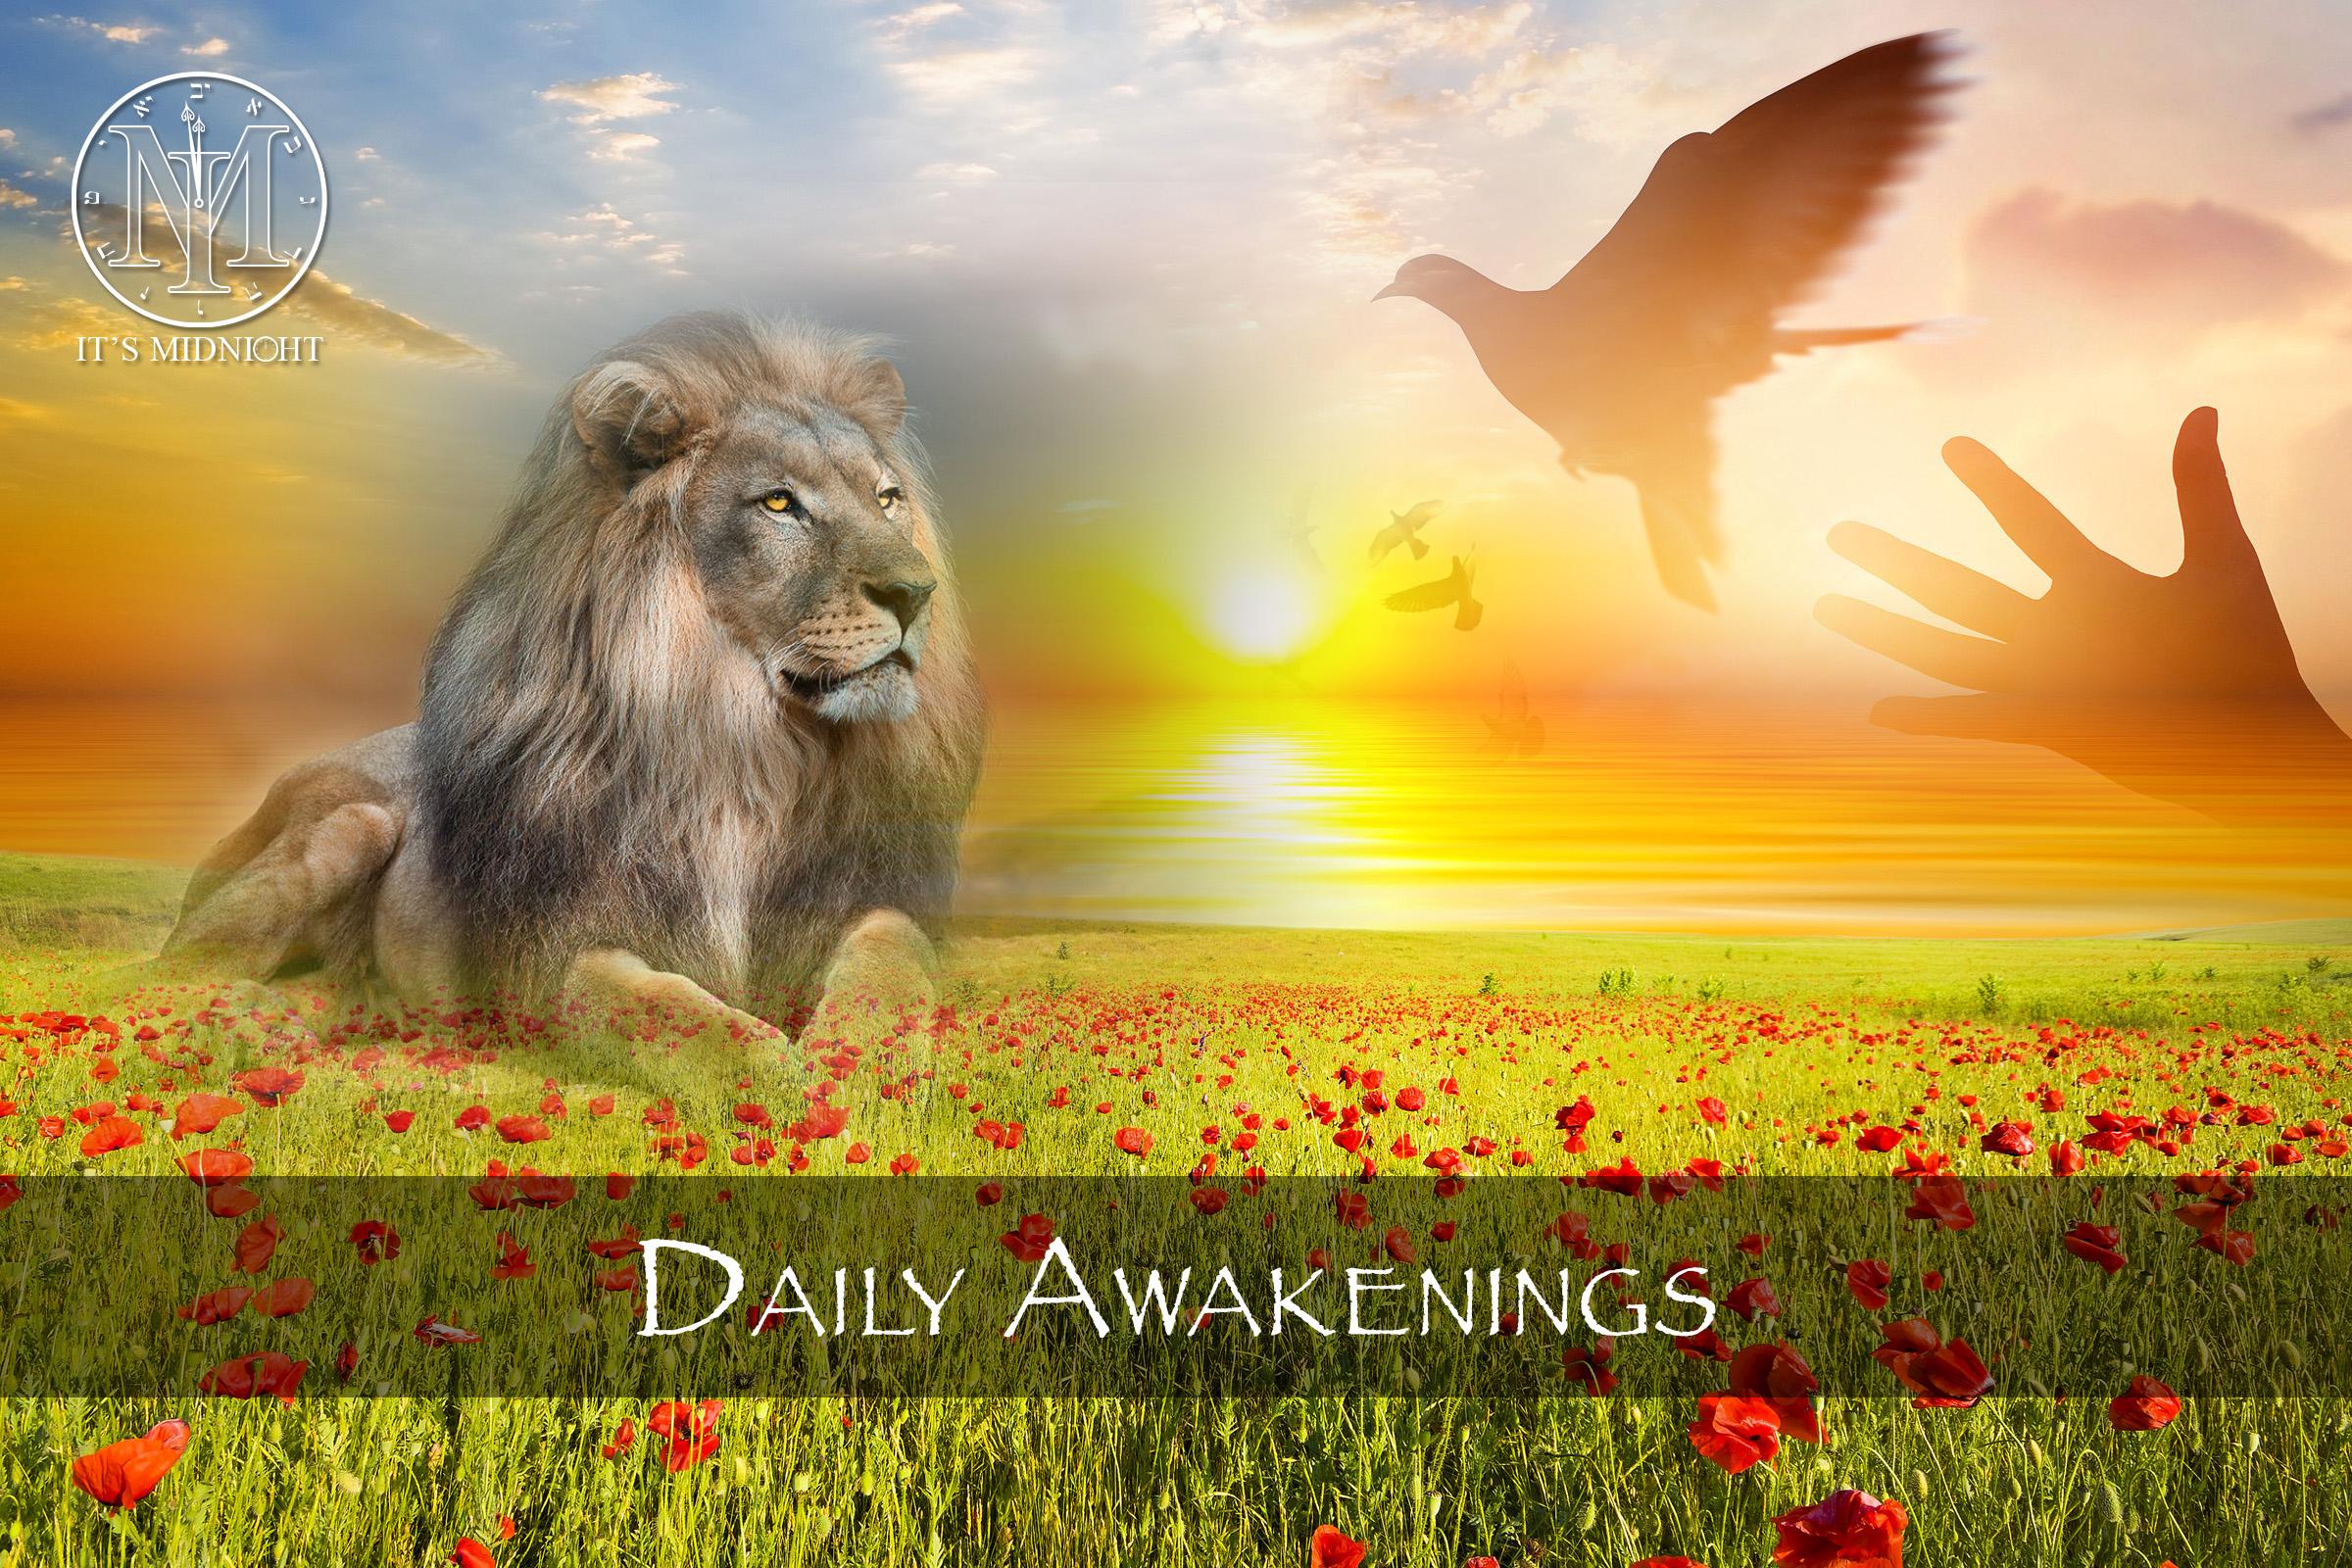 Daily Awakenings - Thumbnail.jpg